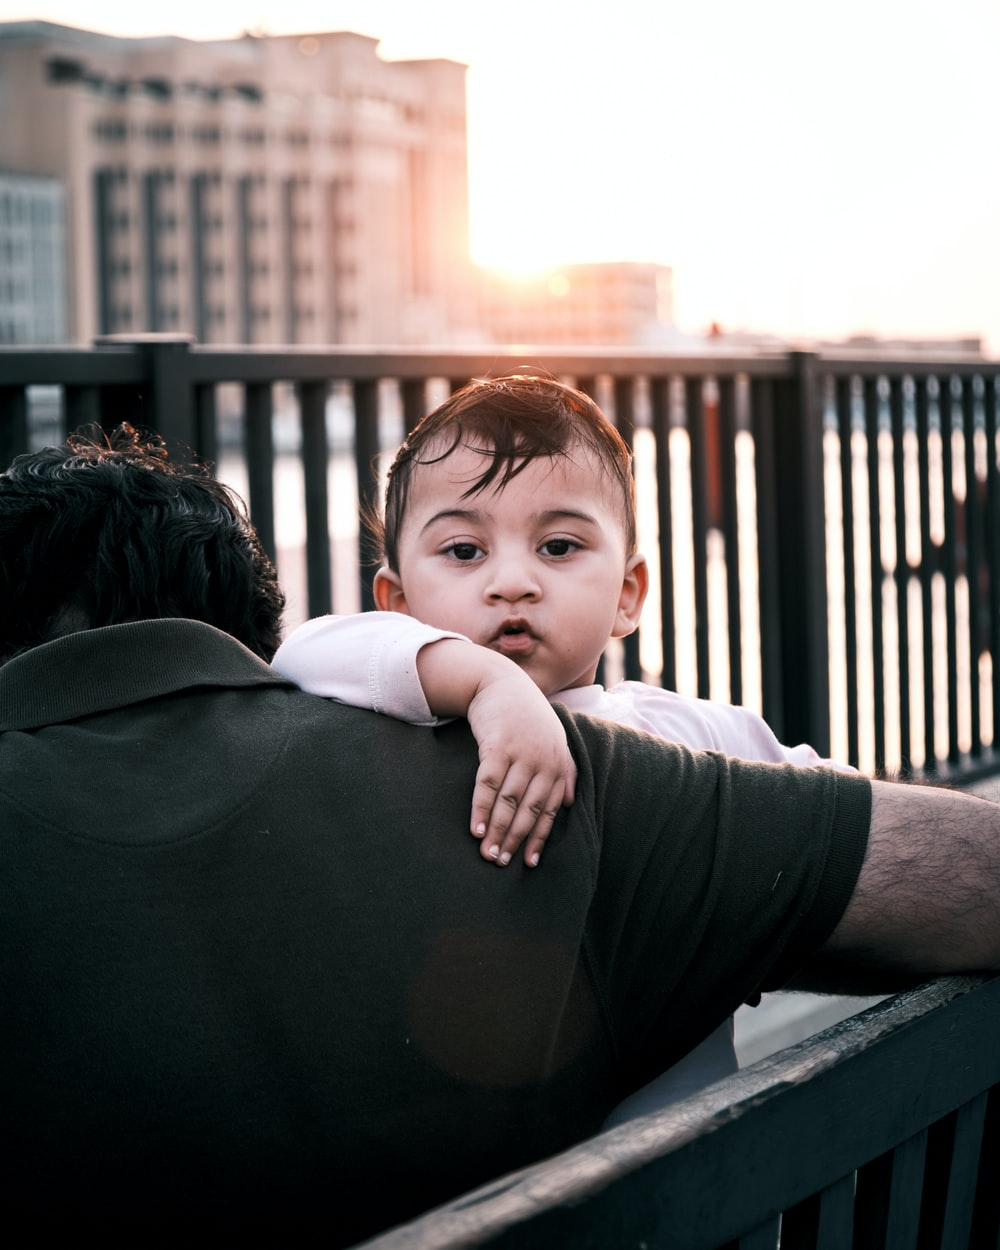 man in black t-shirt carrying baby in black onesie